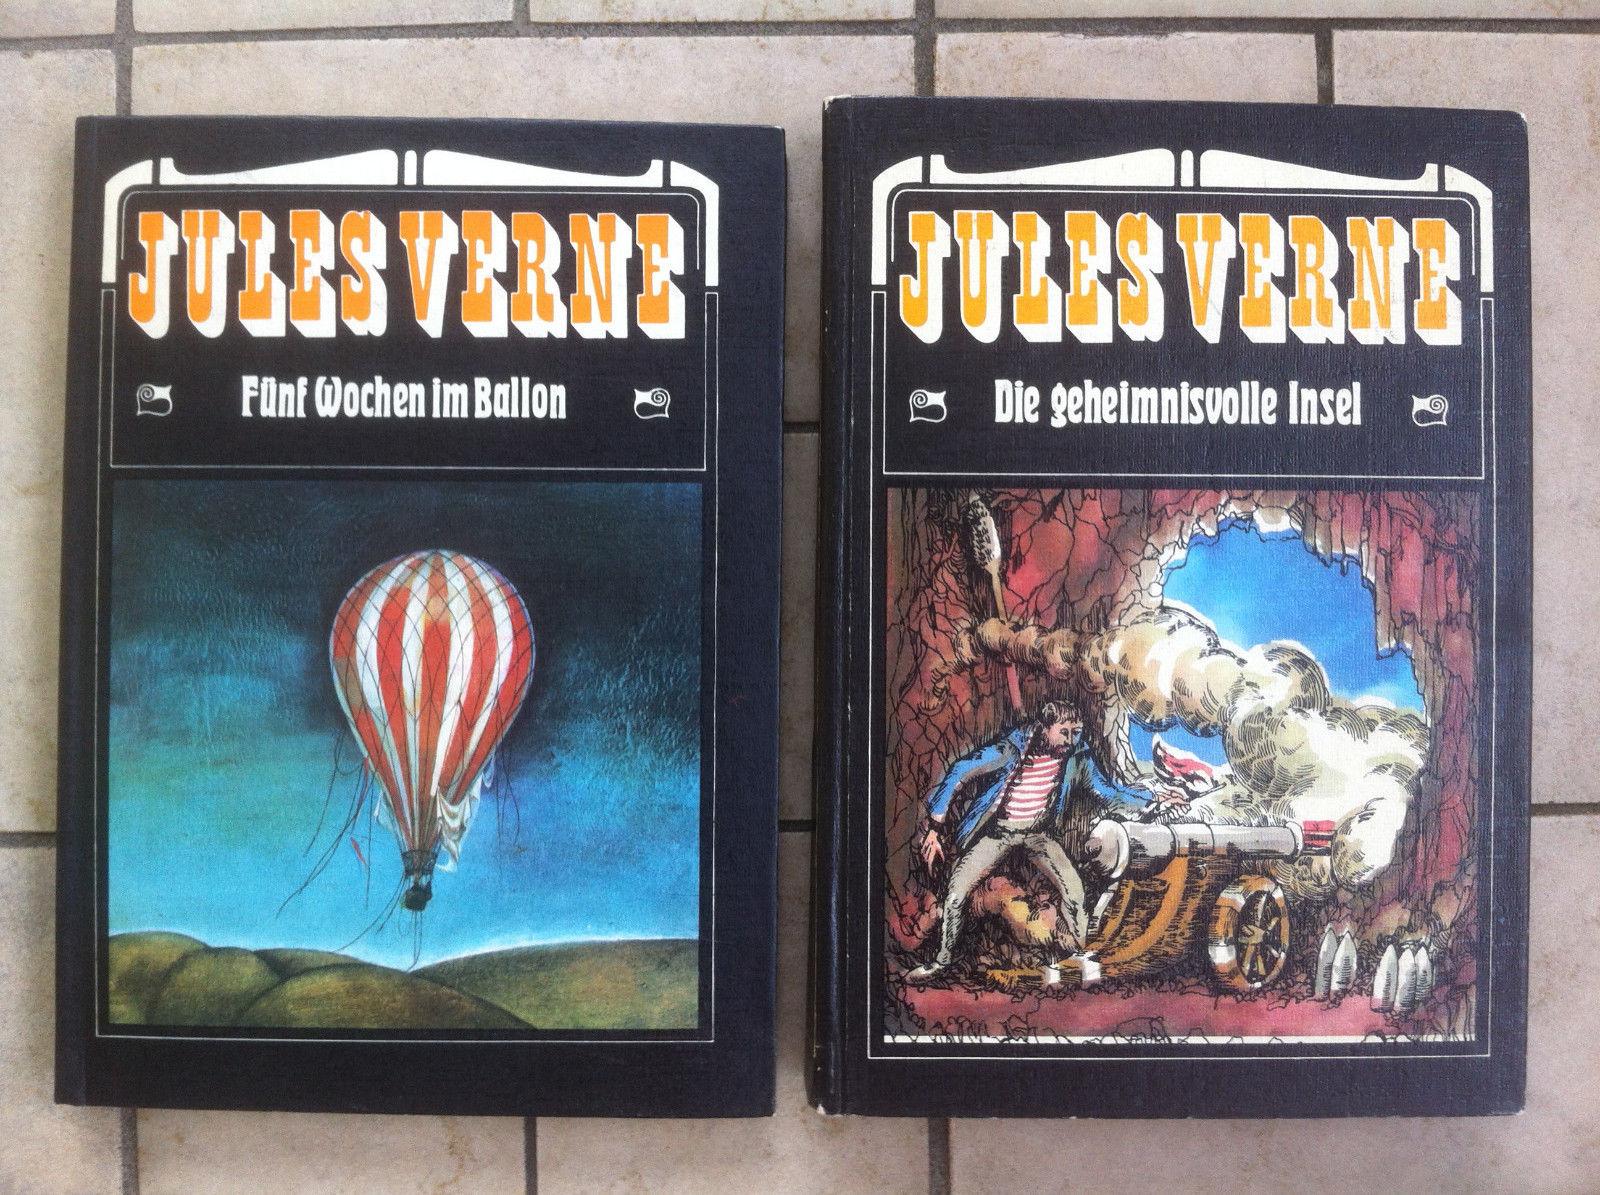 Abenteuer Buch Konvolut Sammlung Jules Verne, 25 Bücher, davon 6 Taschenbücher